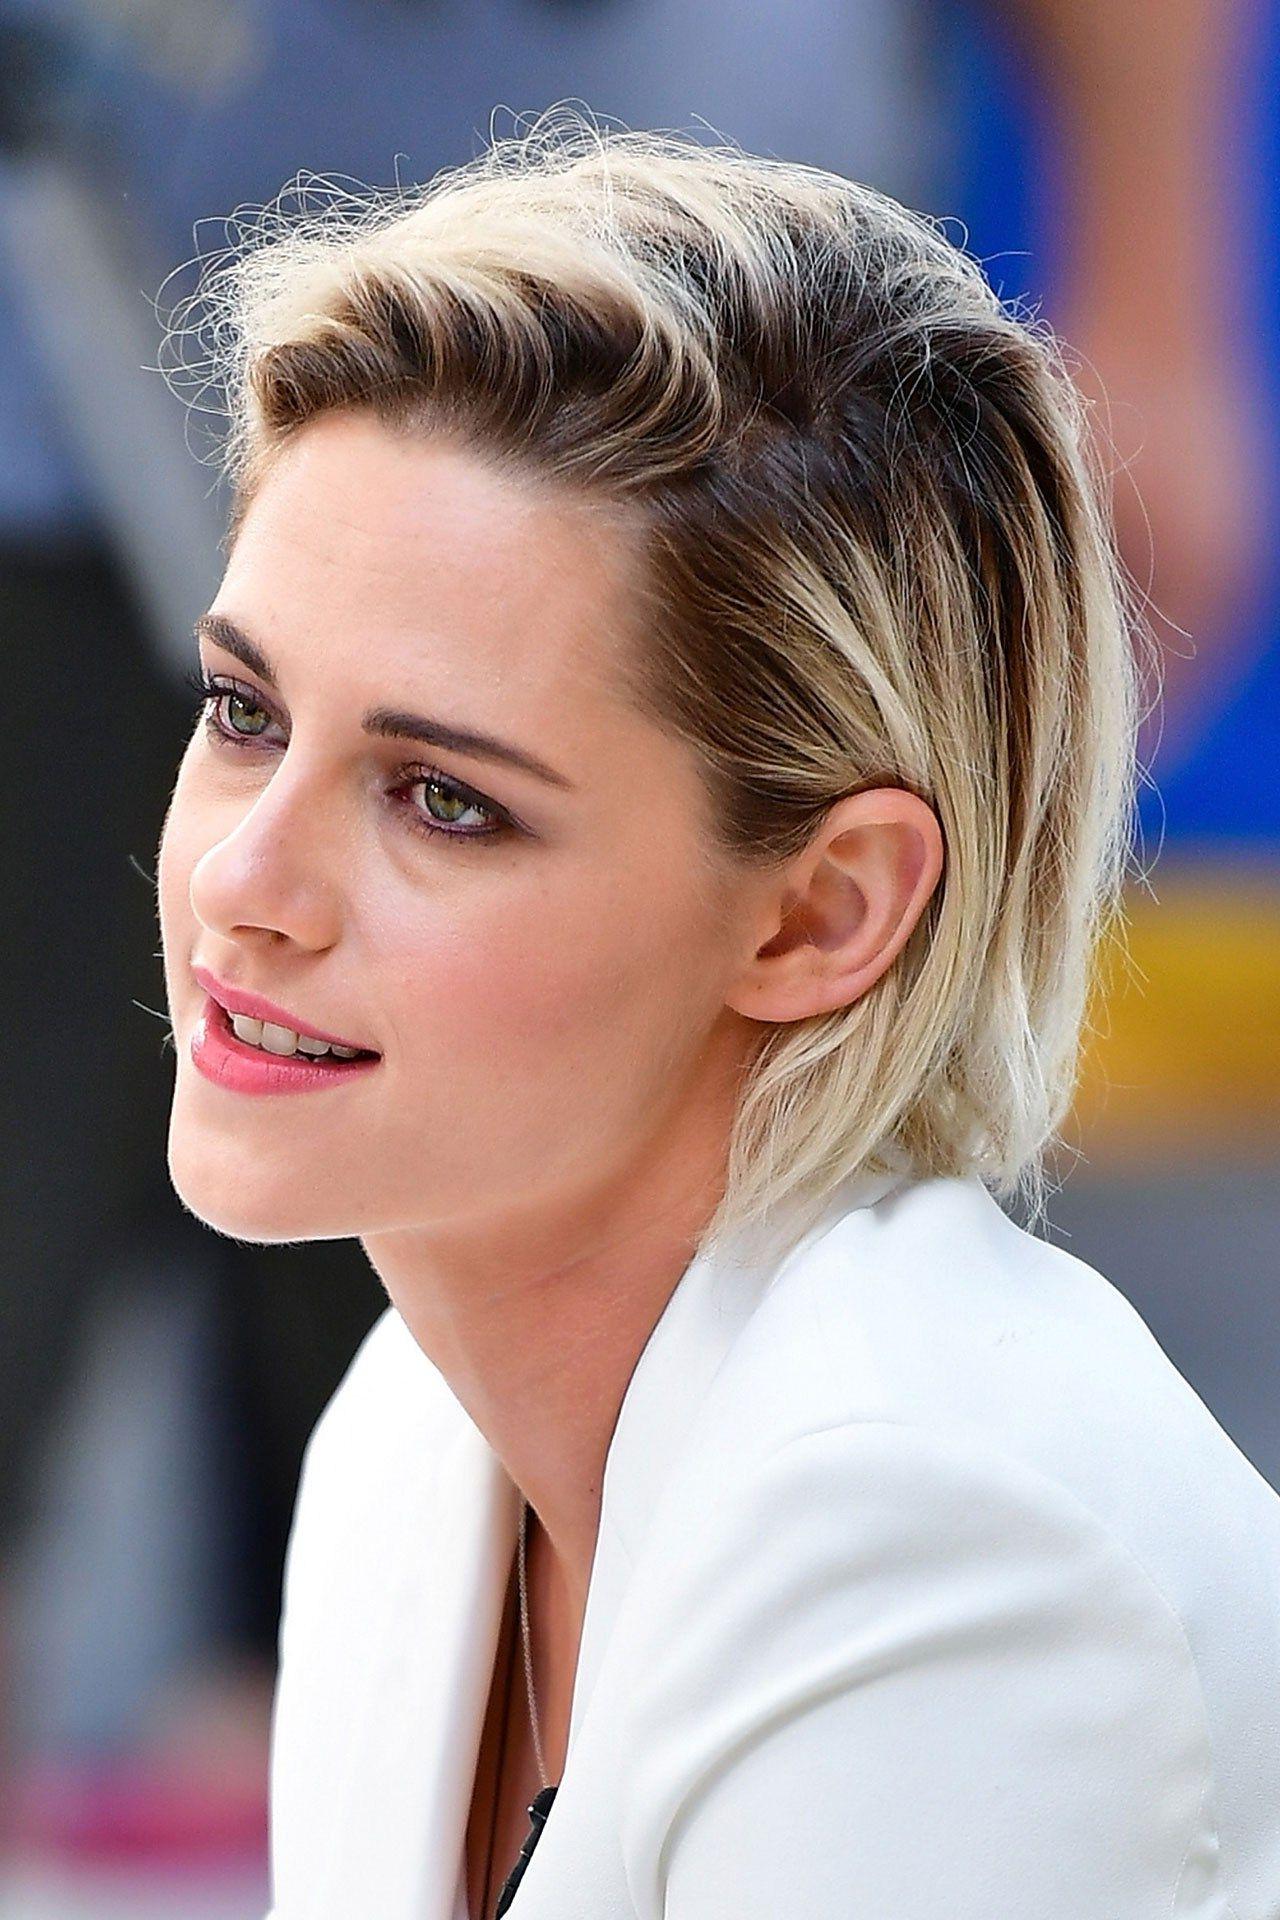 Kristen Stewart's Hair. We're Obsessed (View 3 of 25)